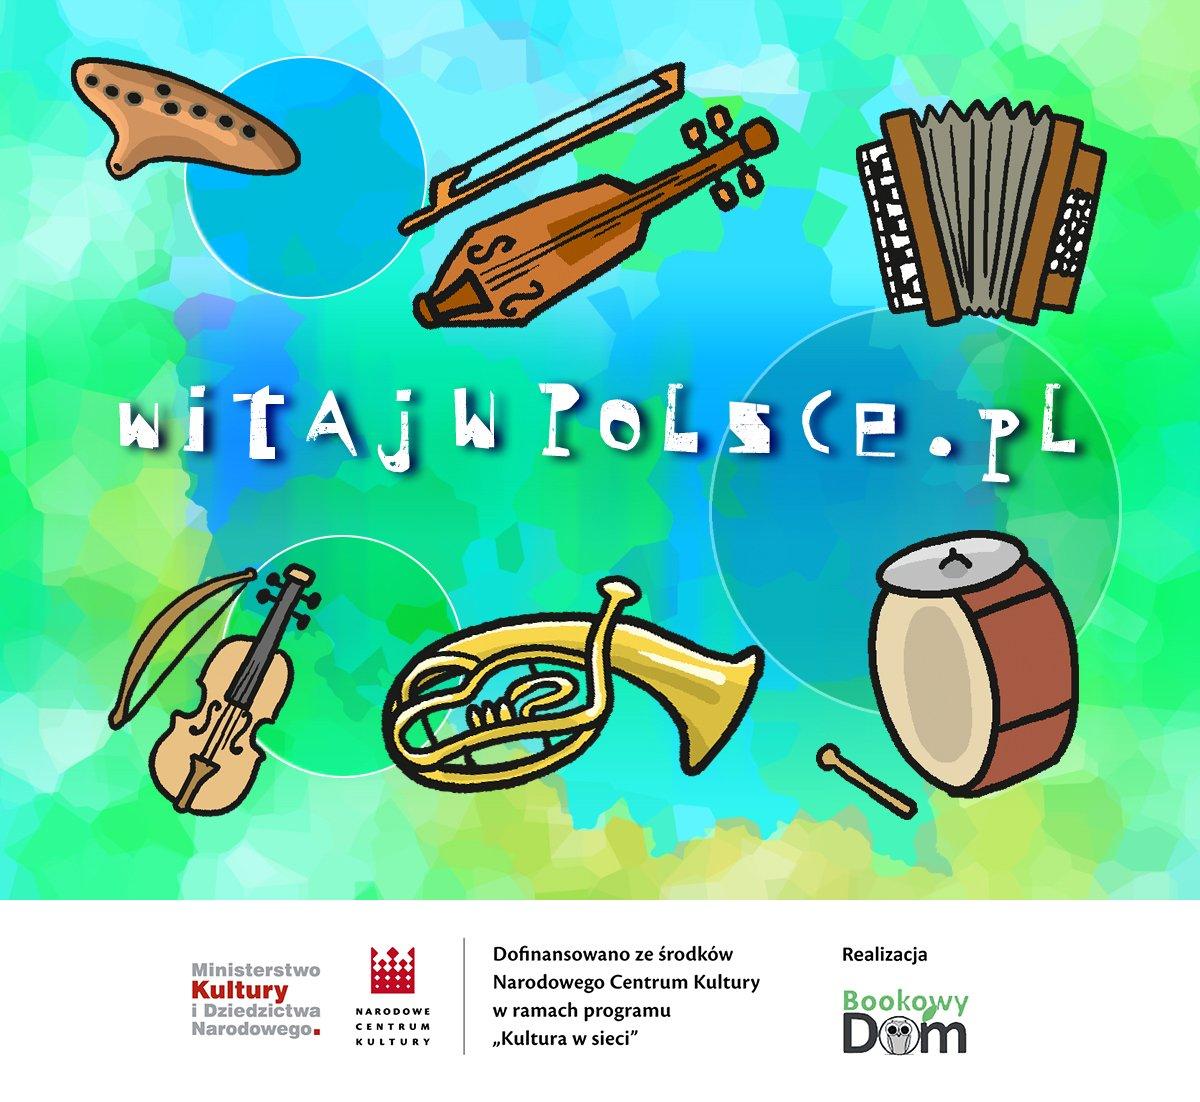 interaktywny przewodnik kulturalny po Polsce